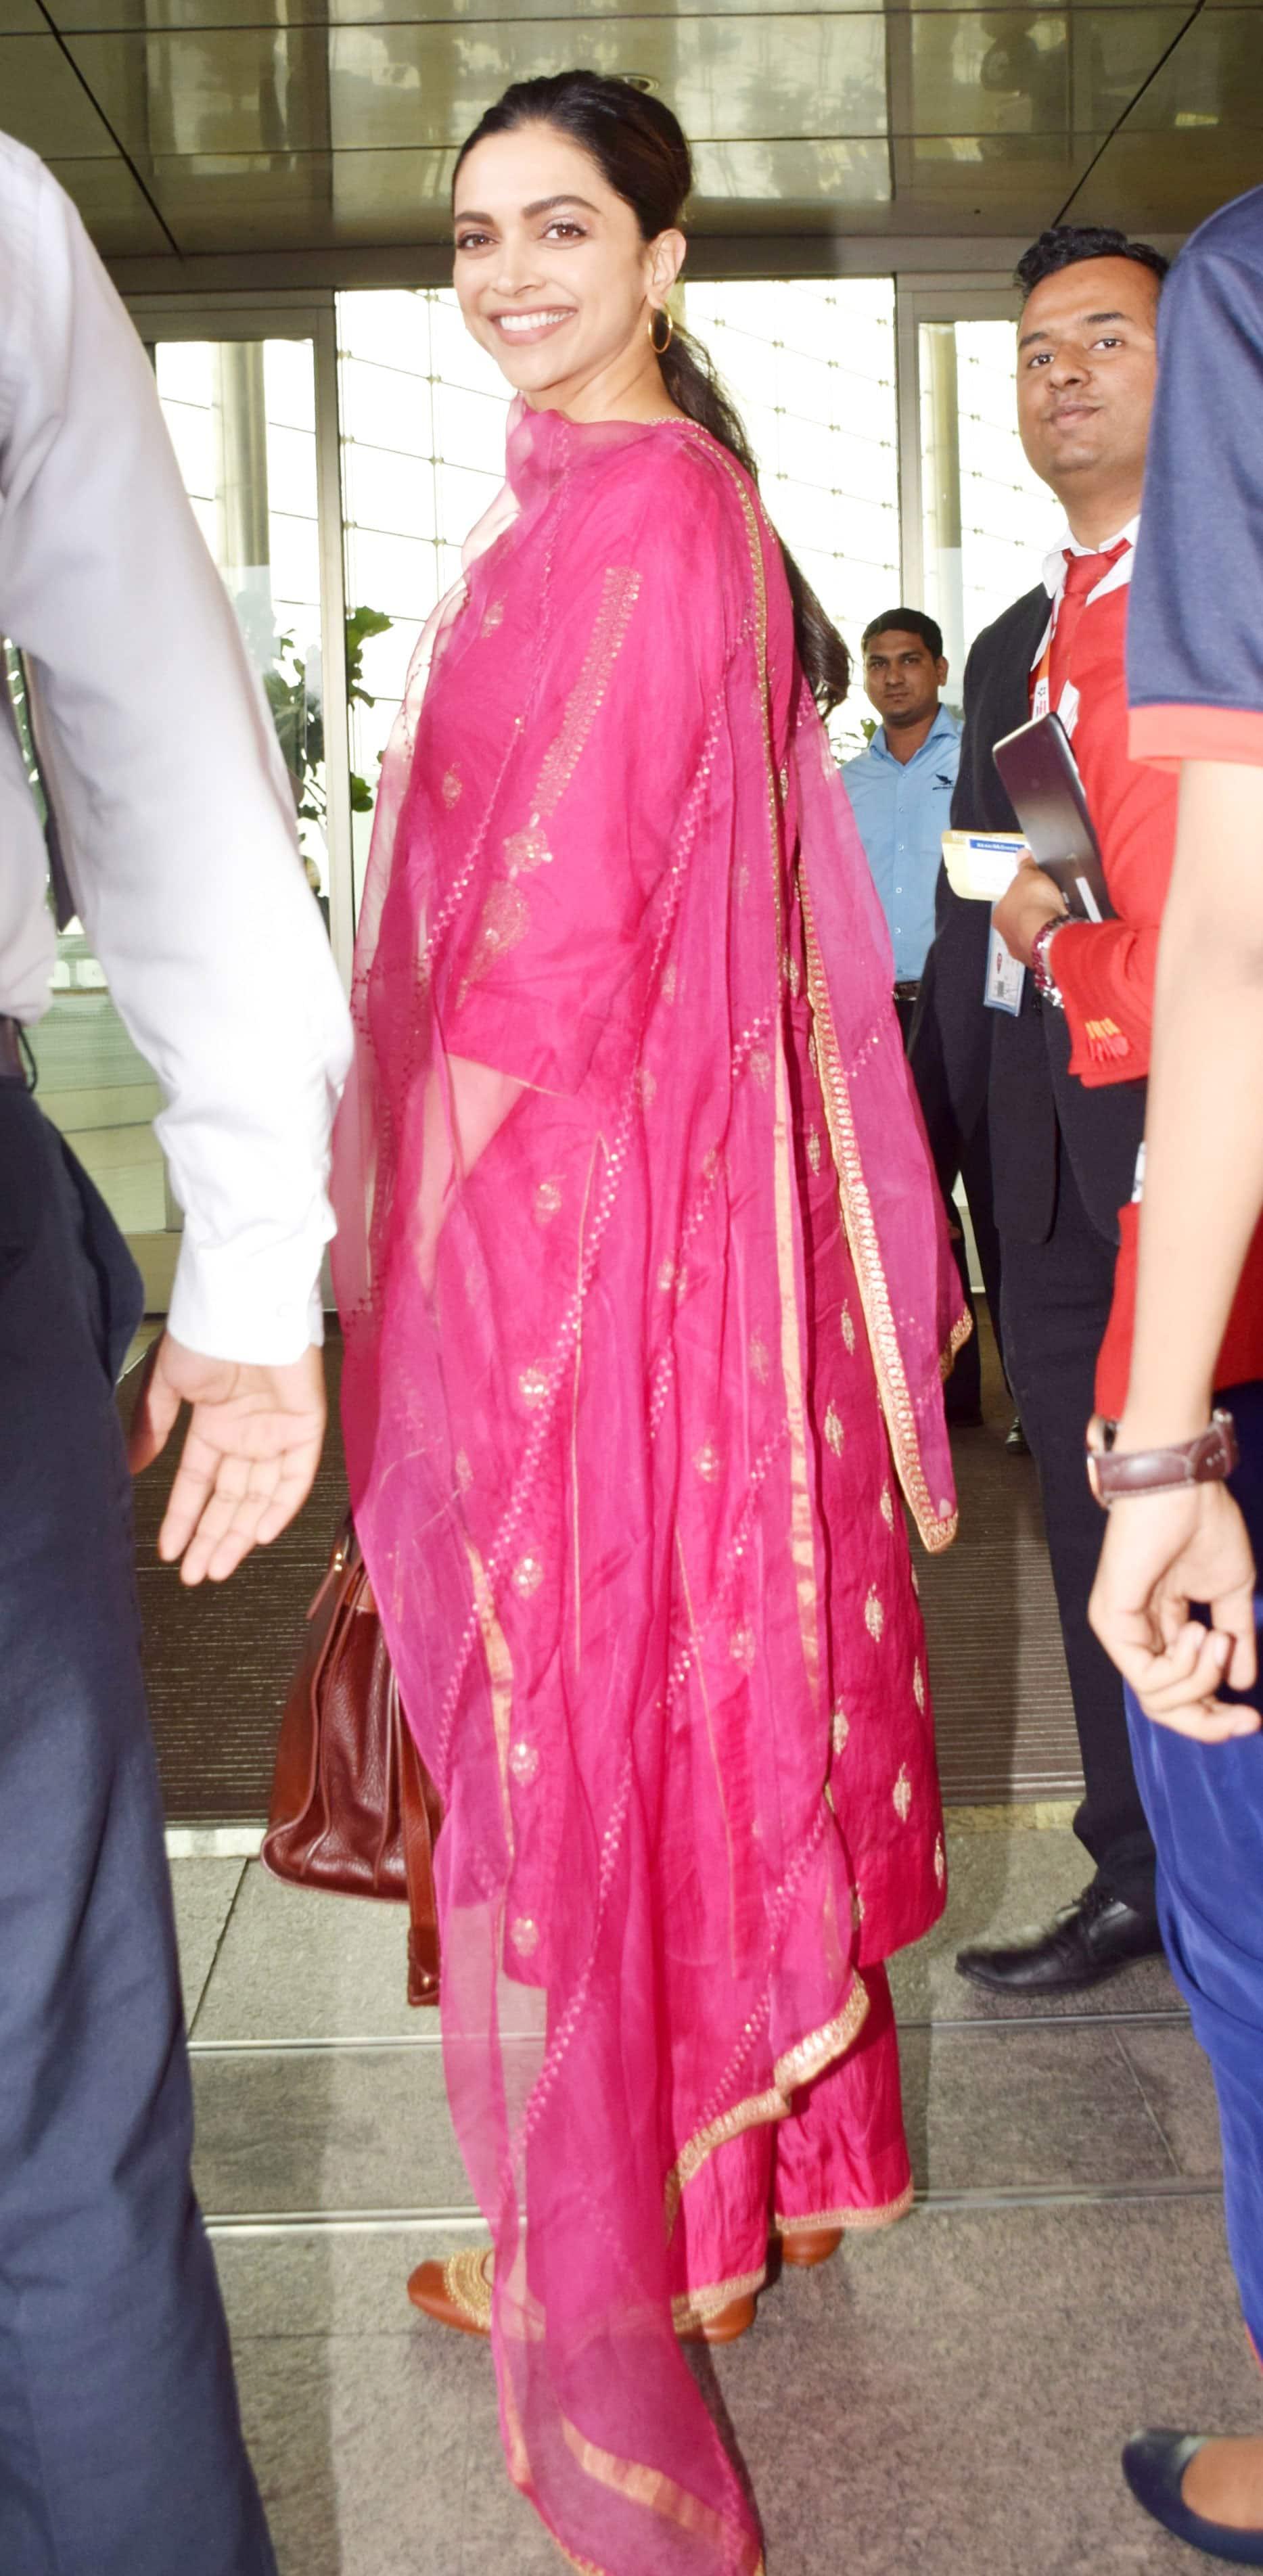 Deepika poses for clicks